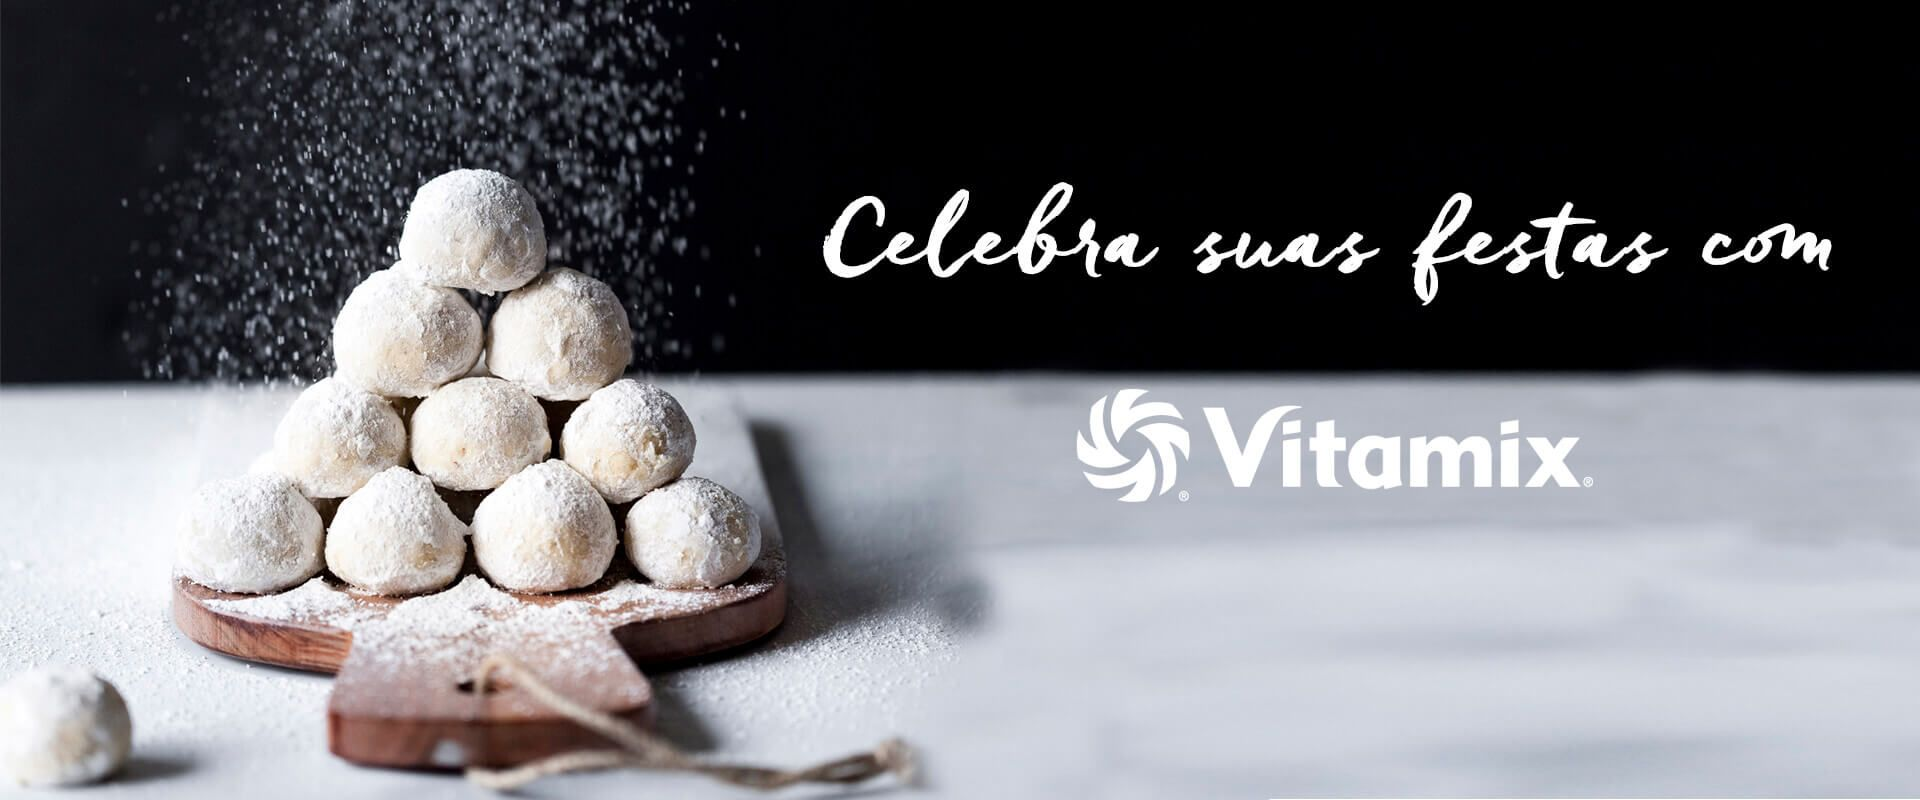 Liquidificadora Vitamix Portugal